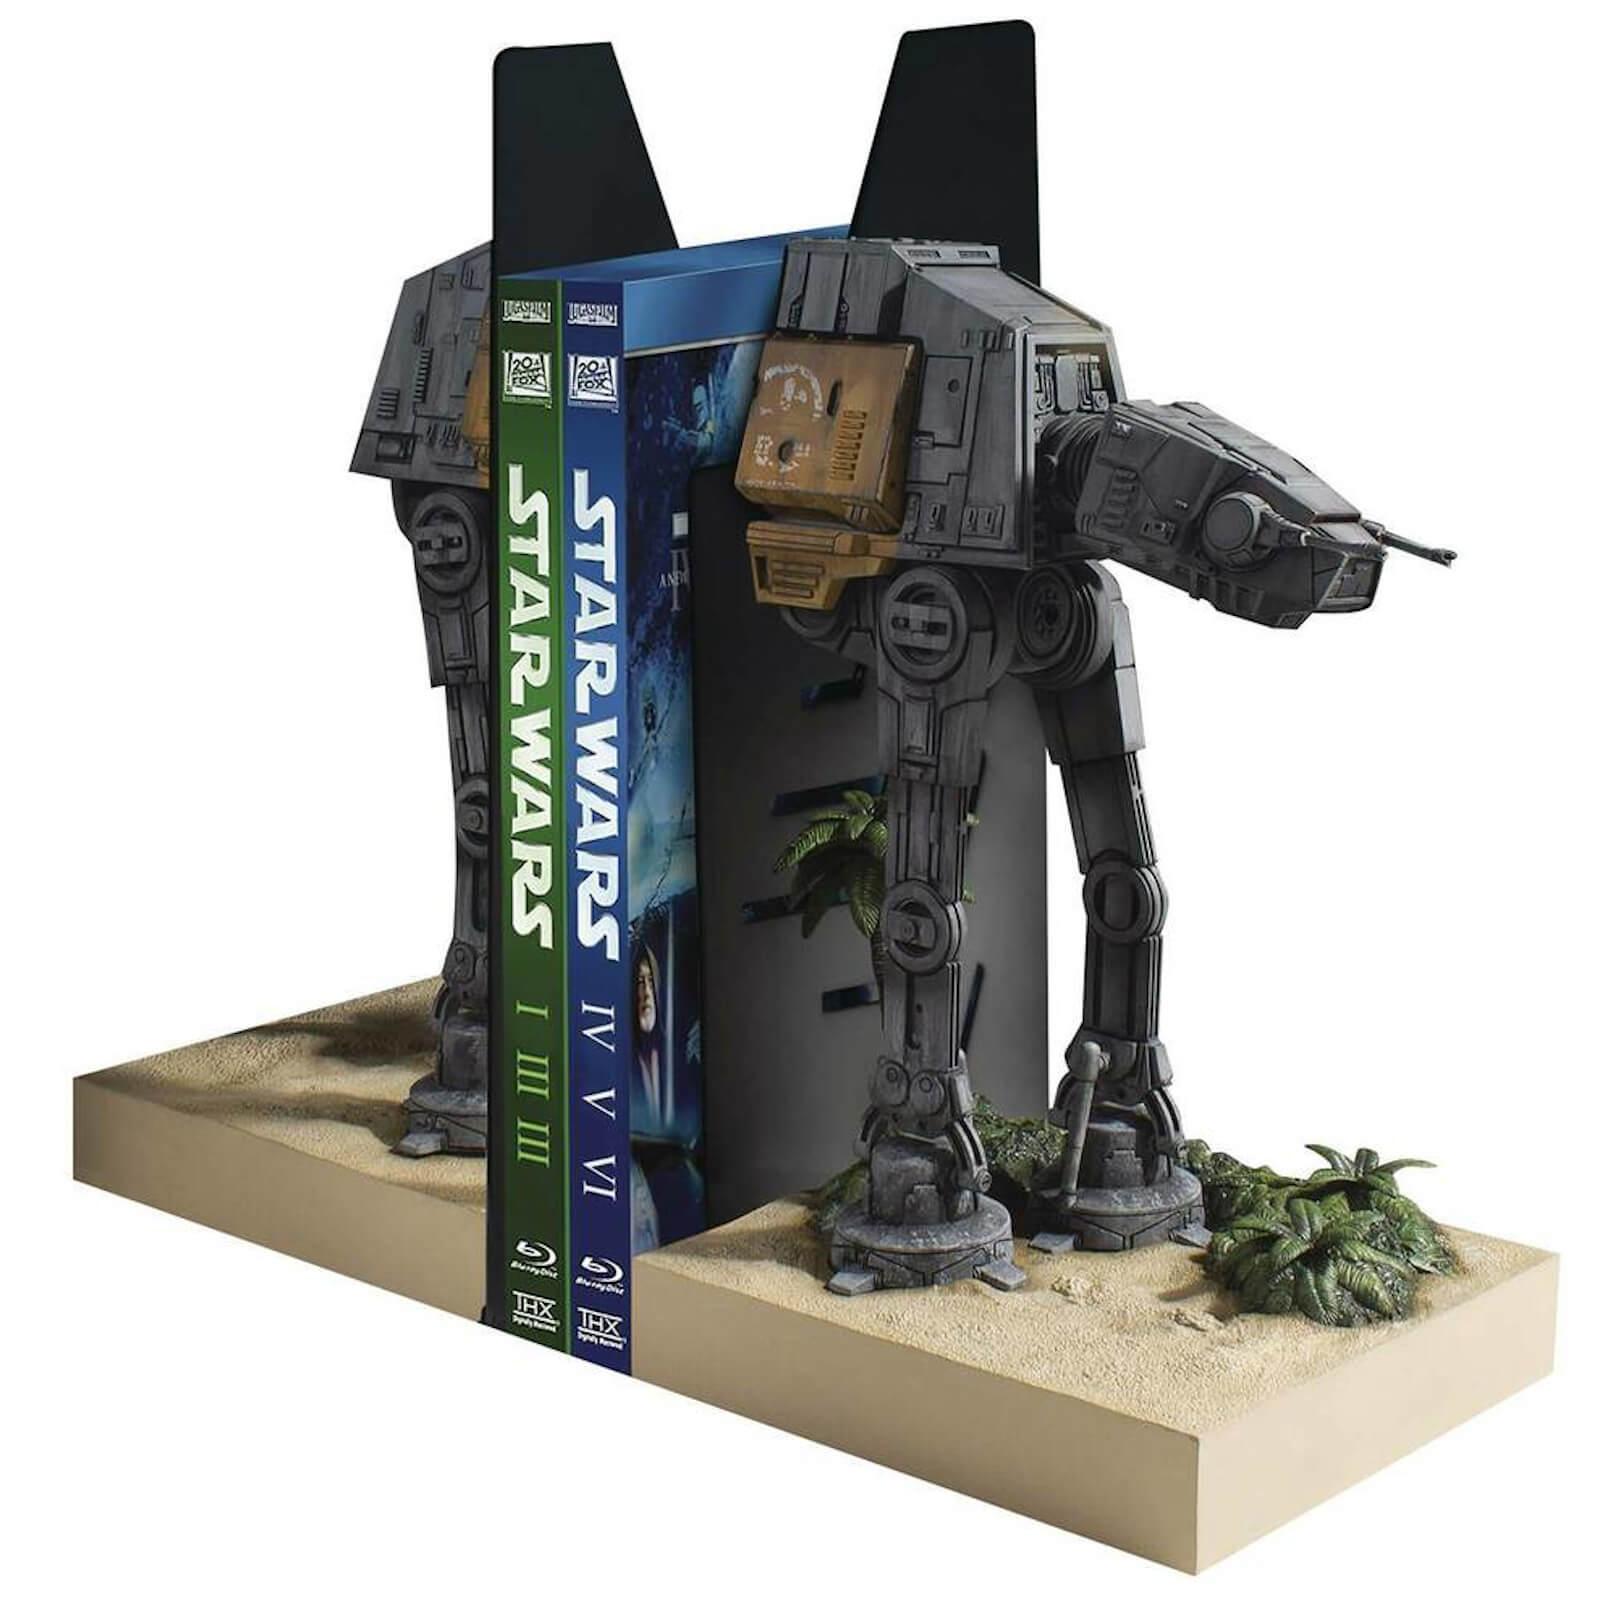 Buchstütze Gentle Giant Star Wars Rogue One AT-ACT bei Zavvi incl. Versand